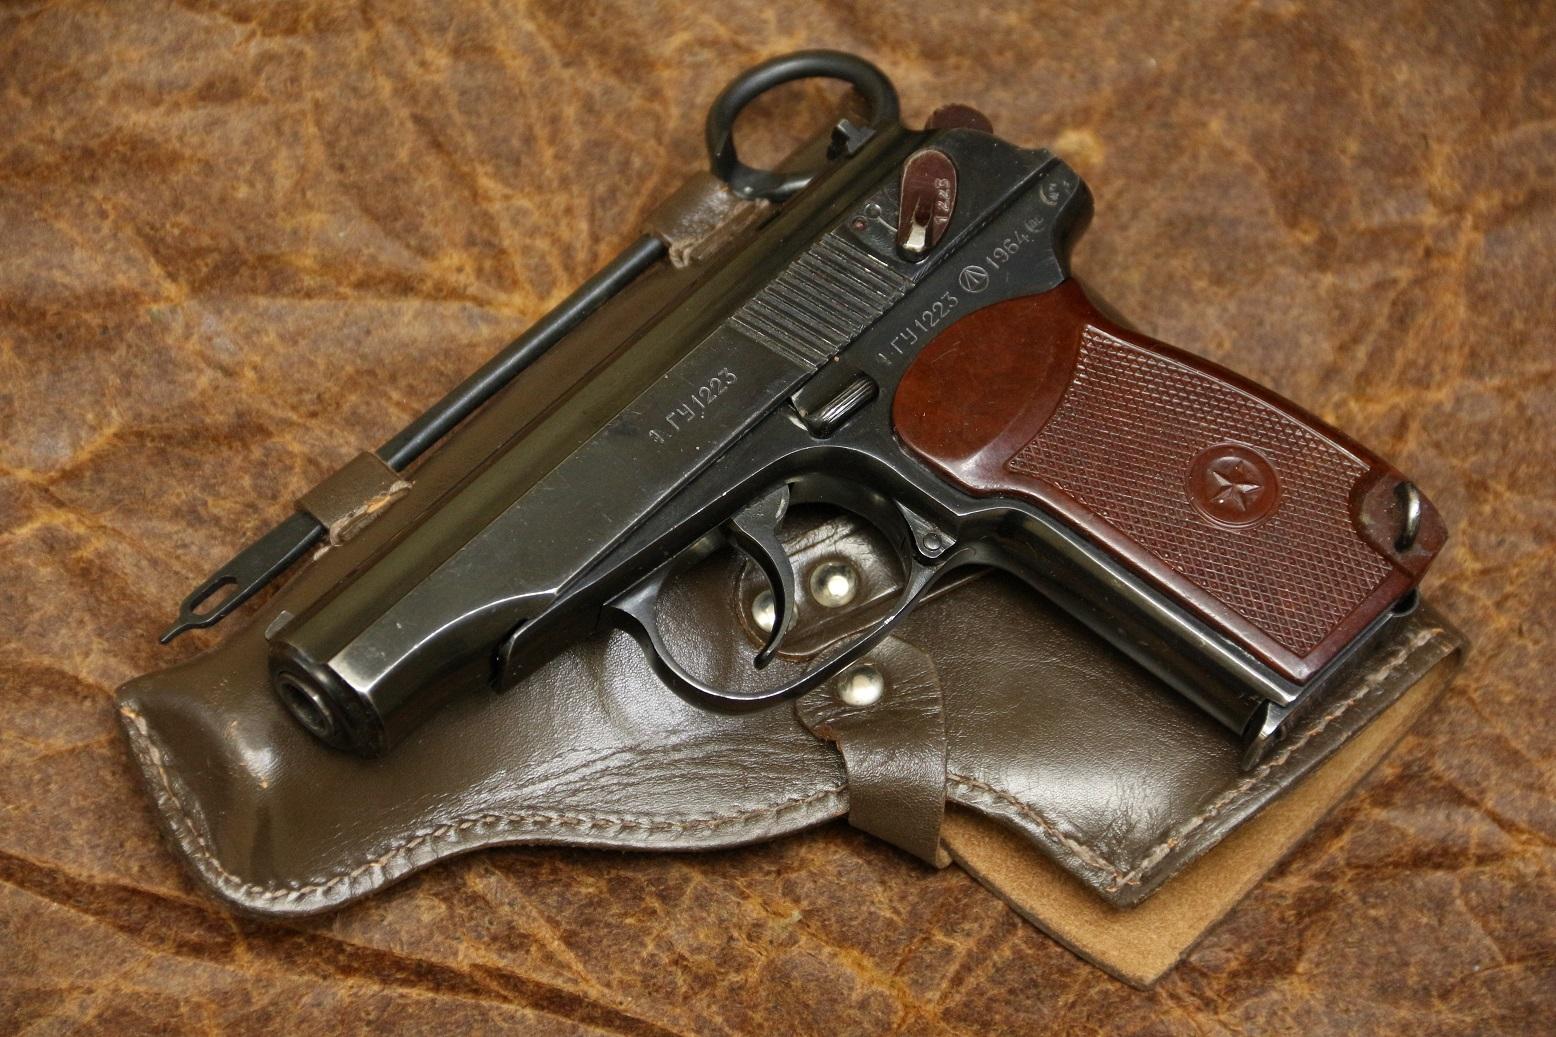 Фото Охолощенный пистолет Макарова ПМ-О 1964 года №ГУ1223, целая правая сторона